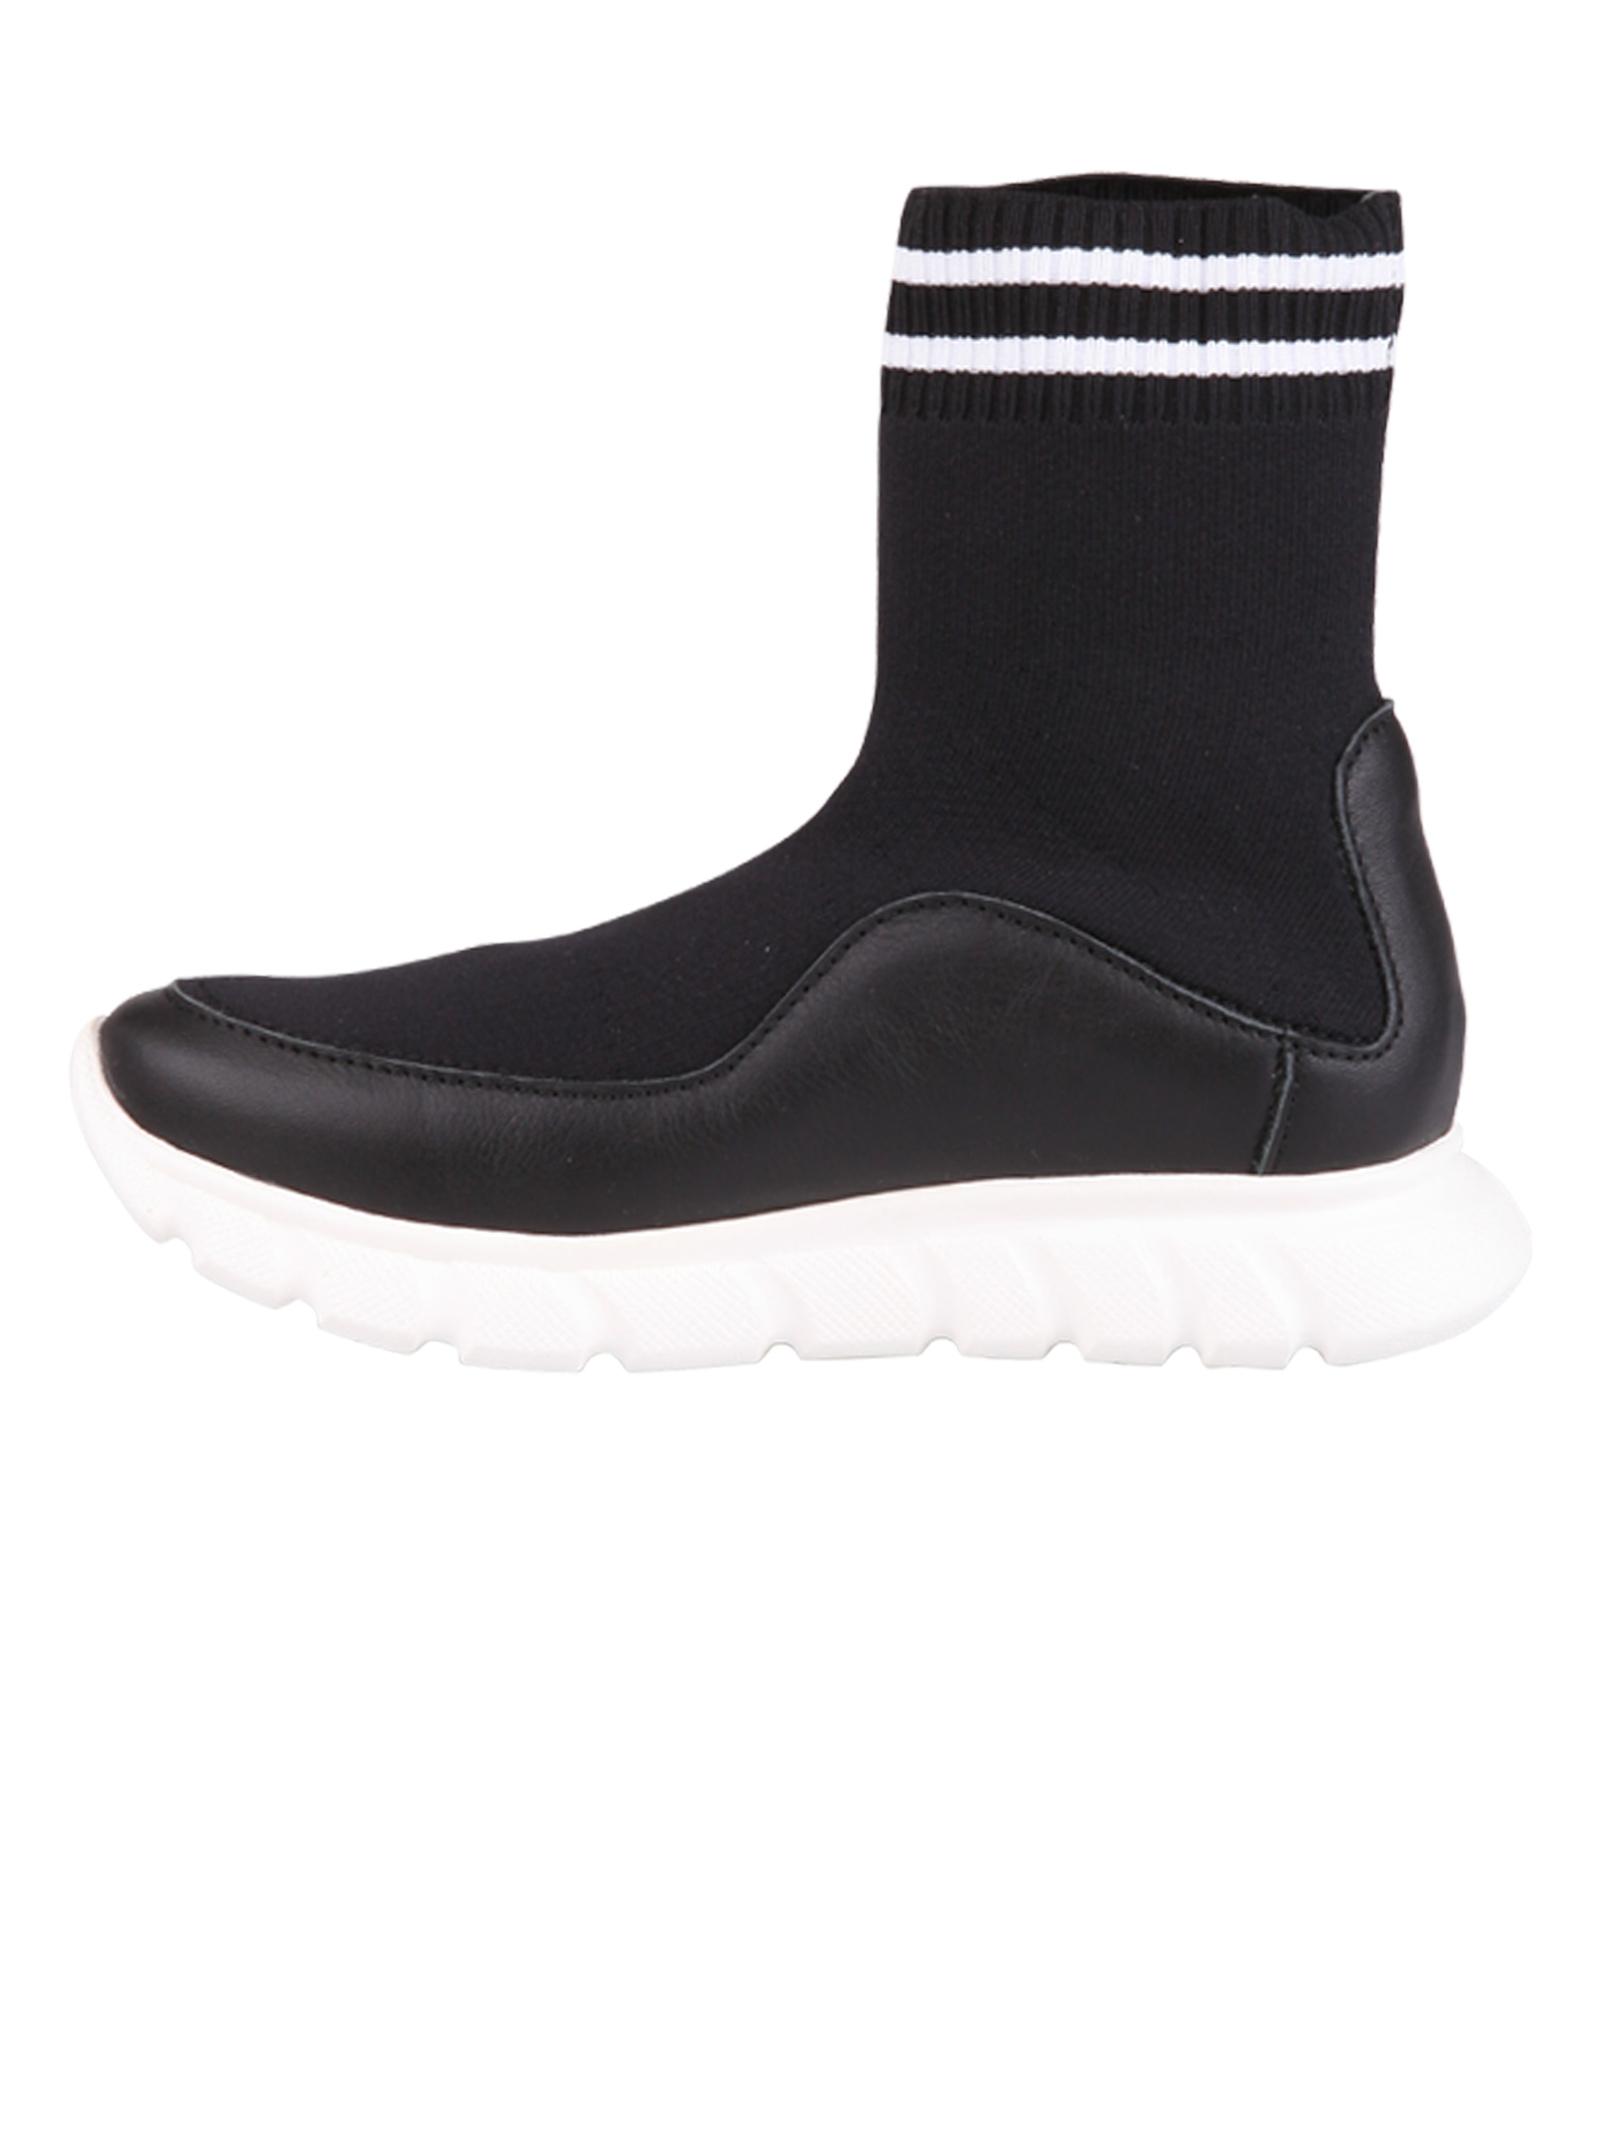 Fendi Kids sneakers Fendi Kids   1718629338   JMR237A3WUF07LV 95743dc735c